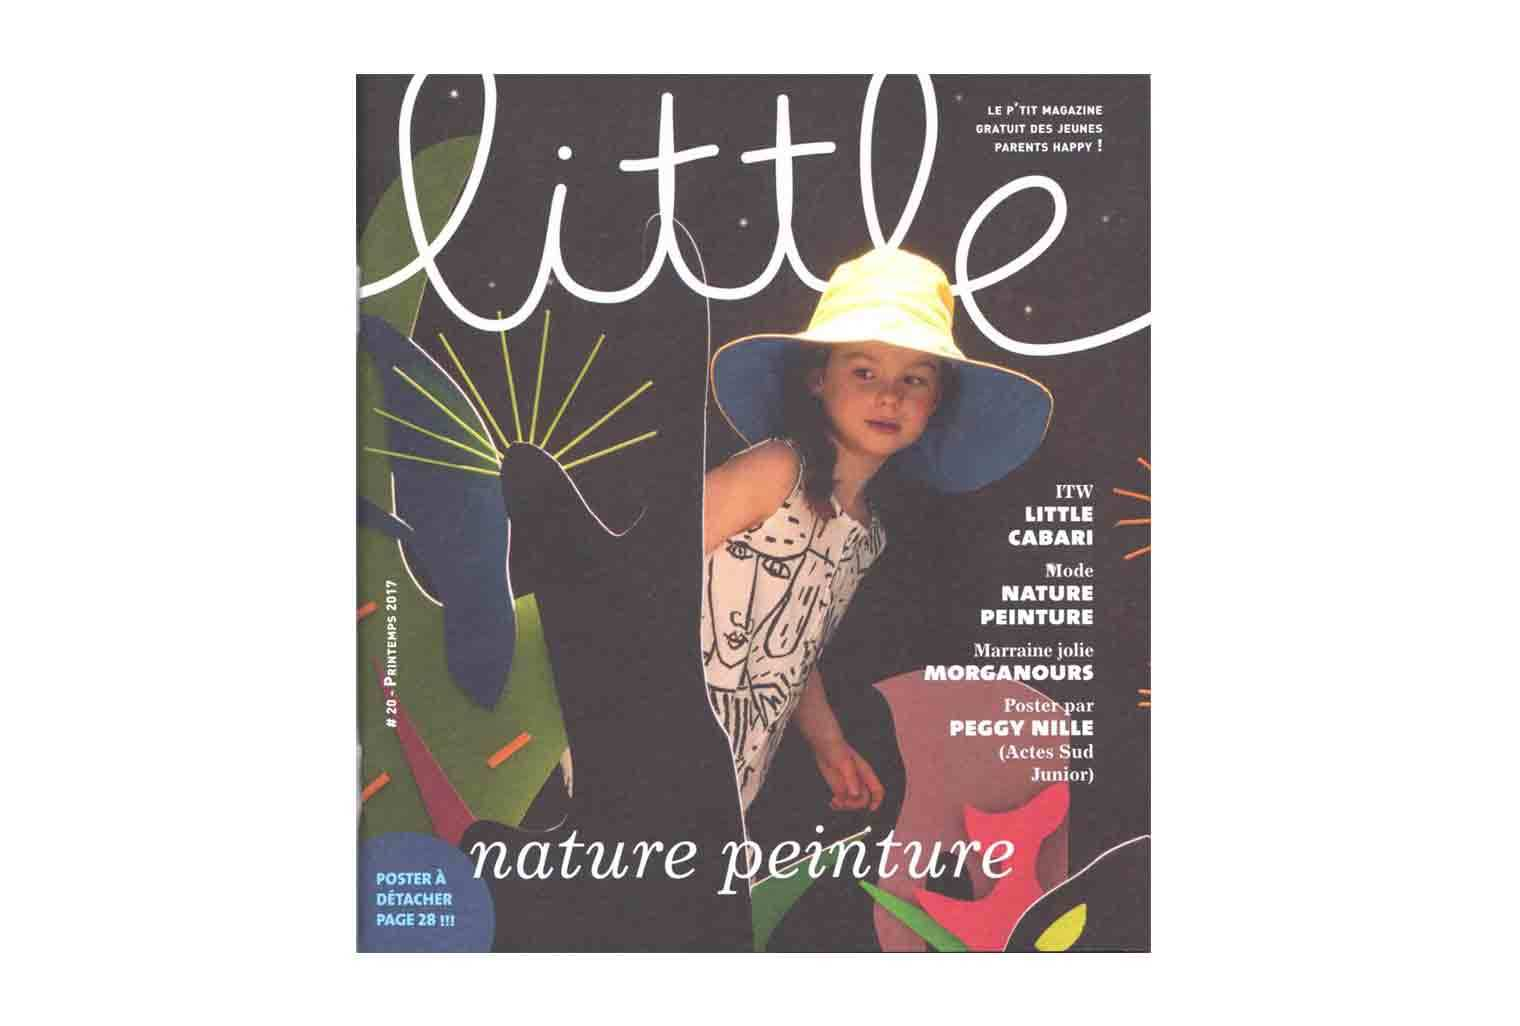 Rencontre de Little Cabari dans Little